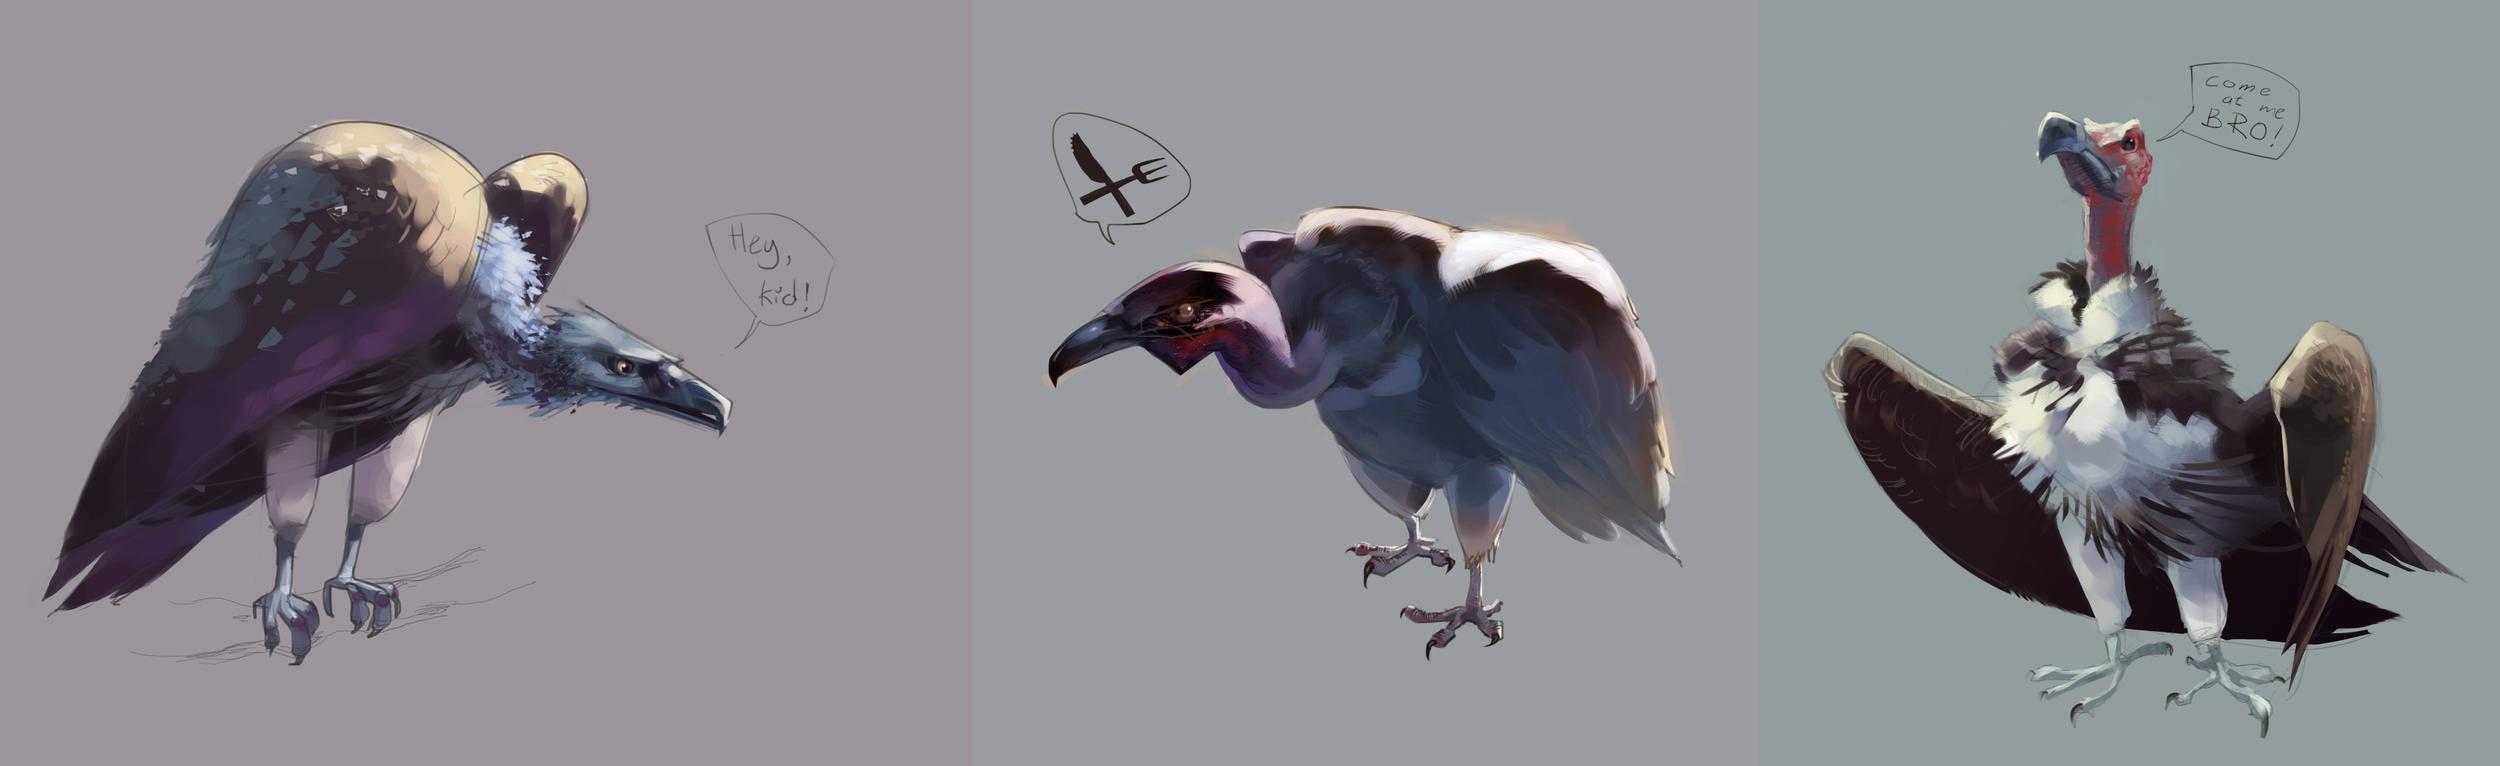 VulturesCombined.jpg